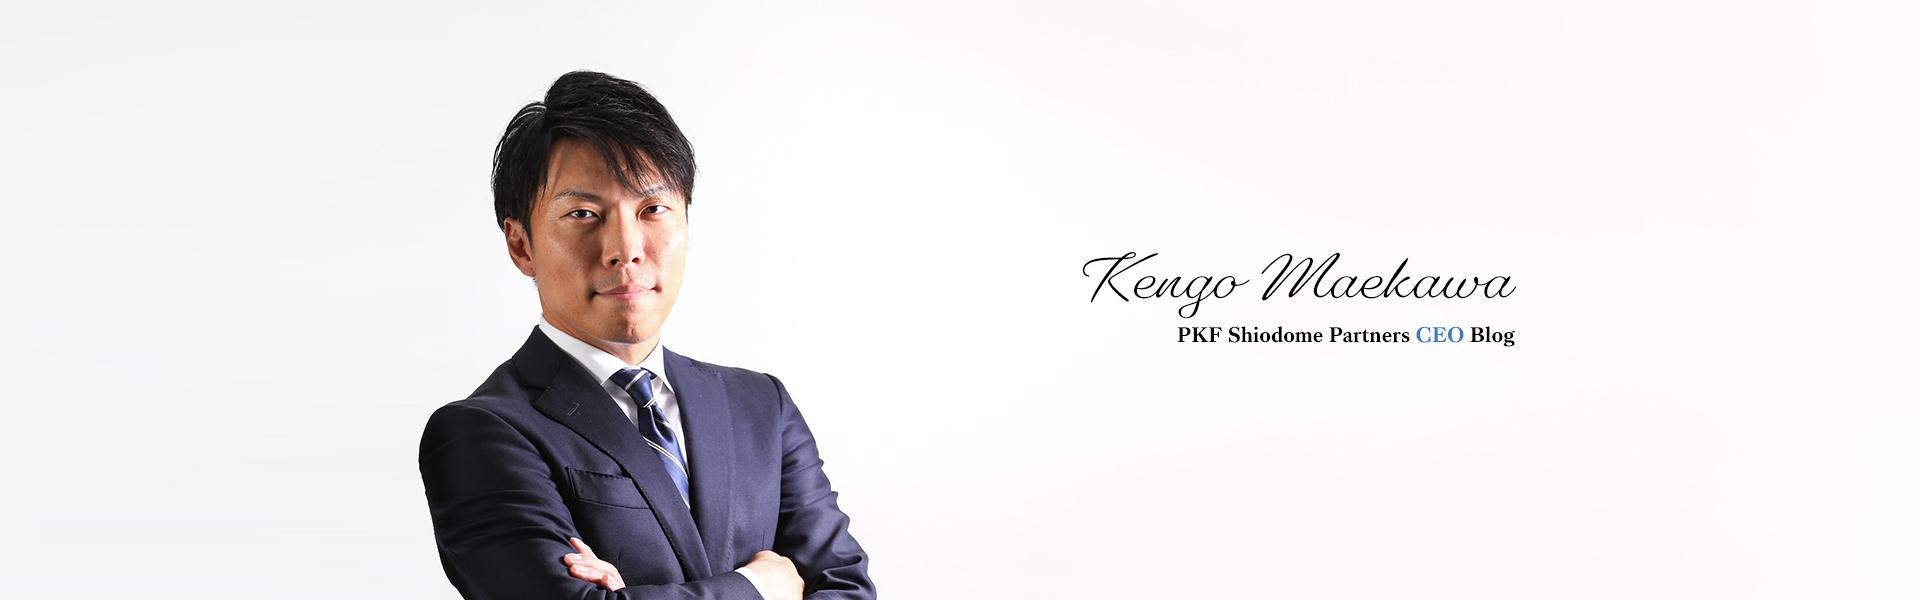 汐留パートナーズグループCEO 公認会計士前川研吾のブログ